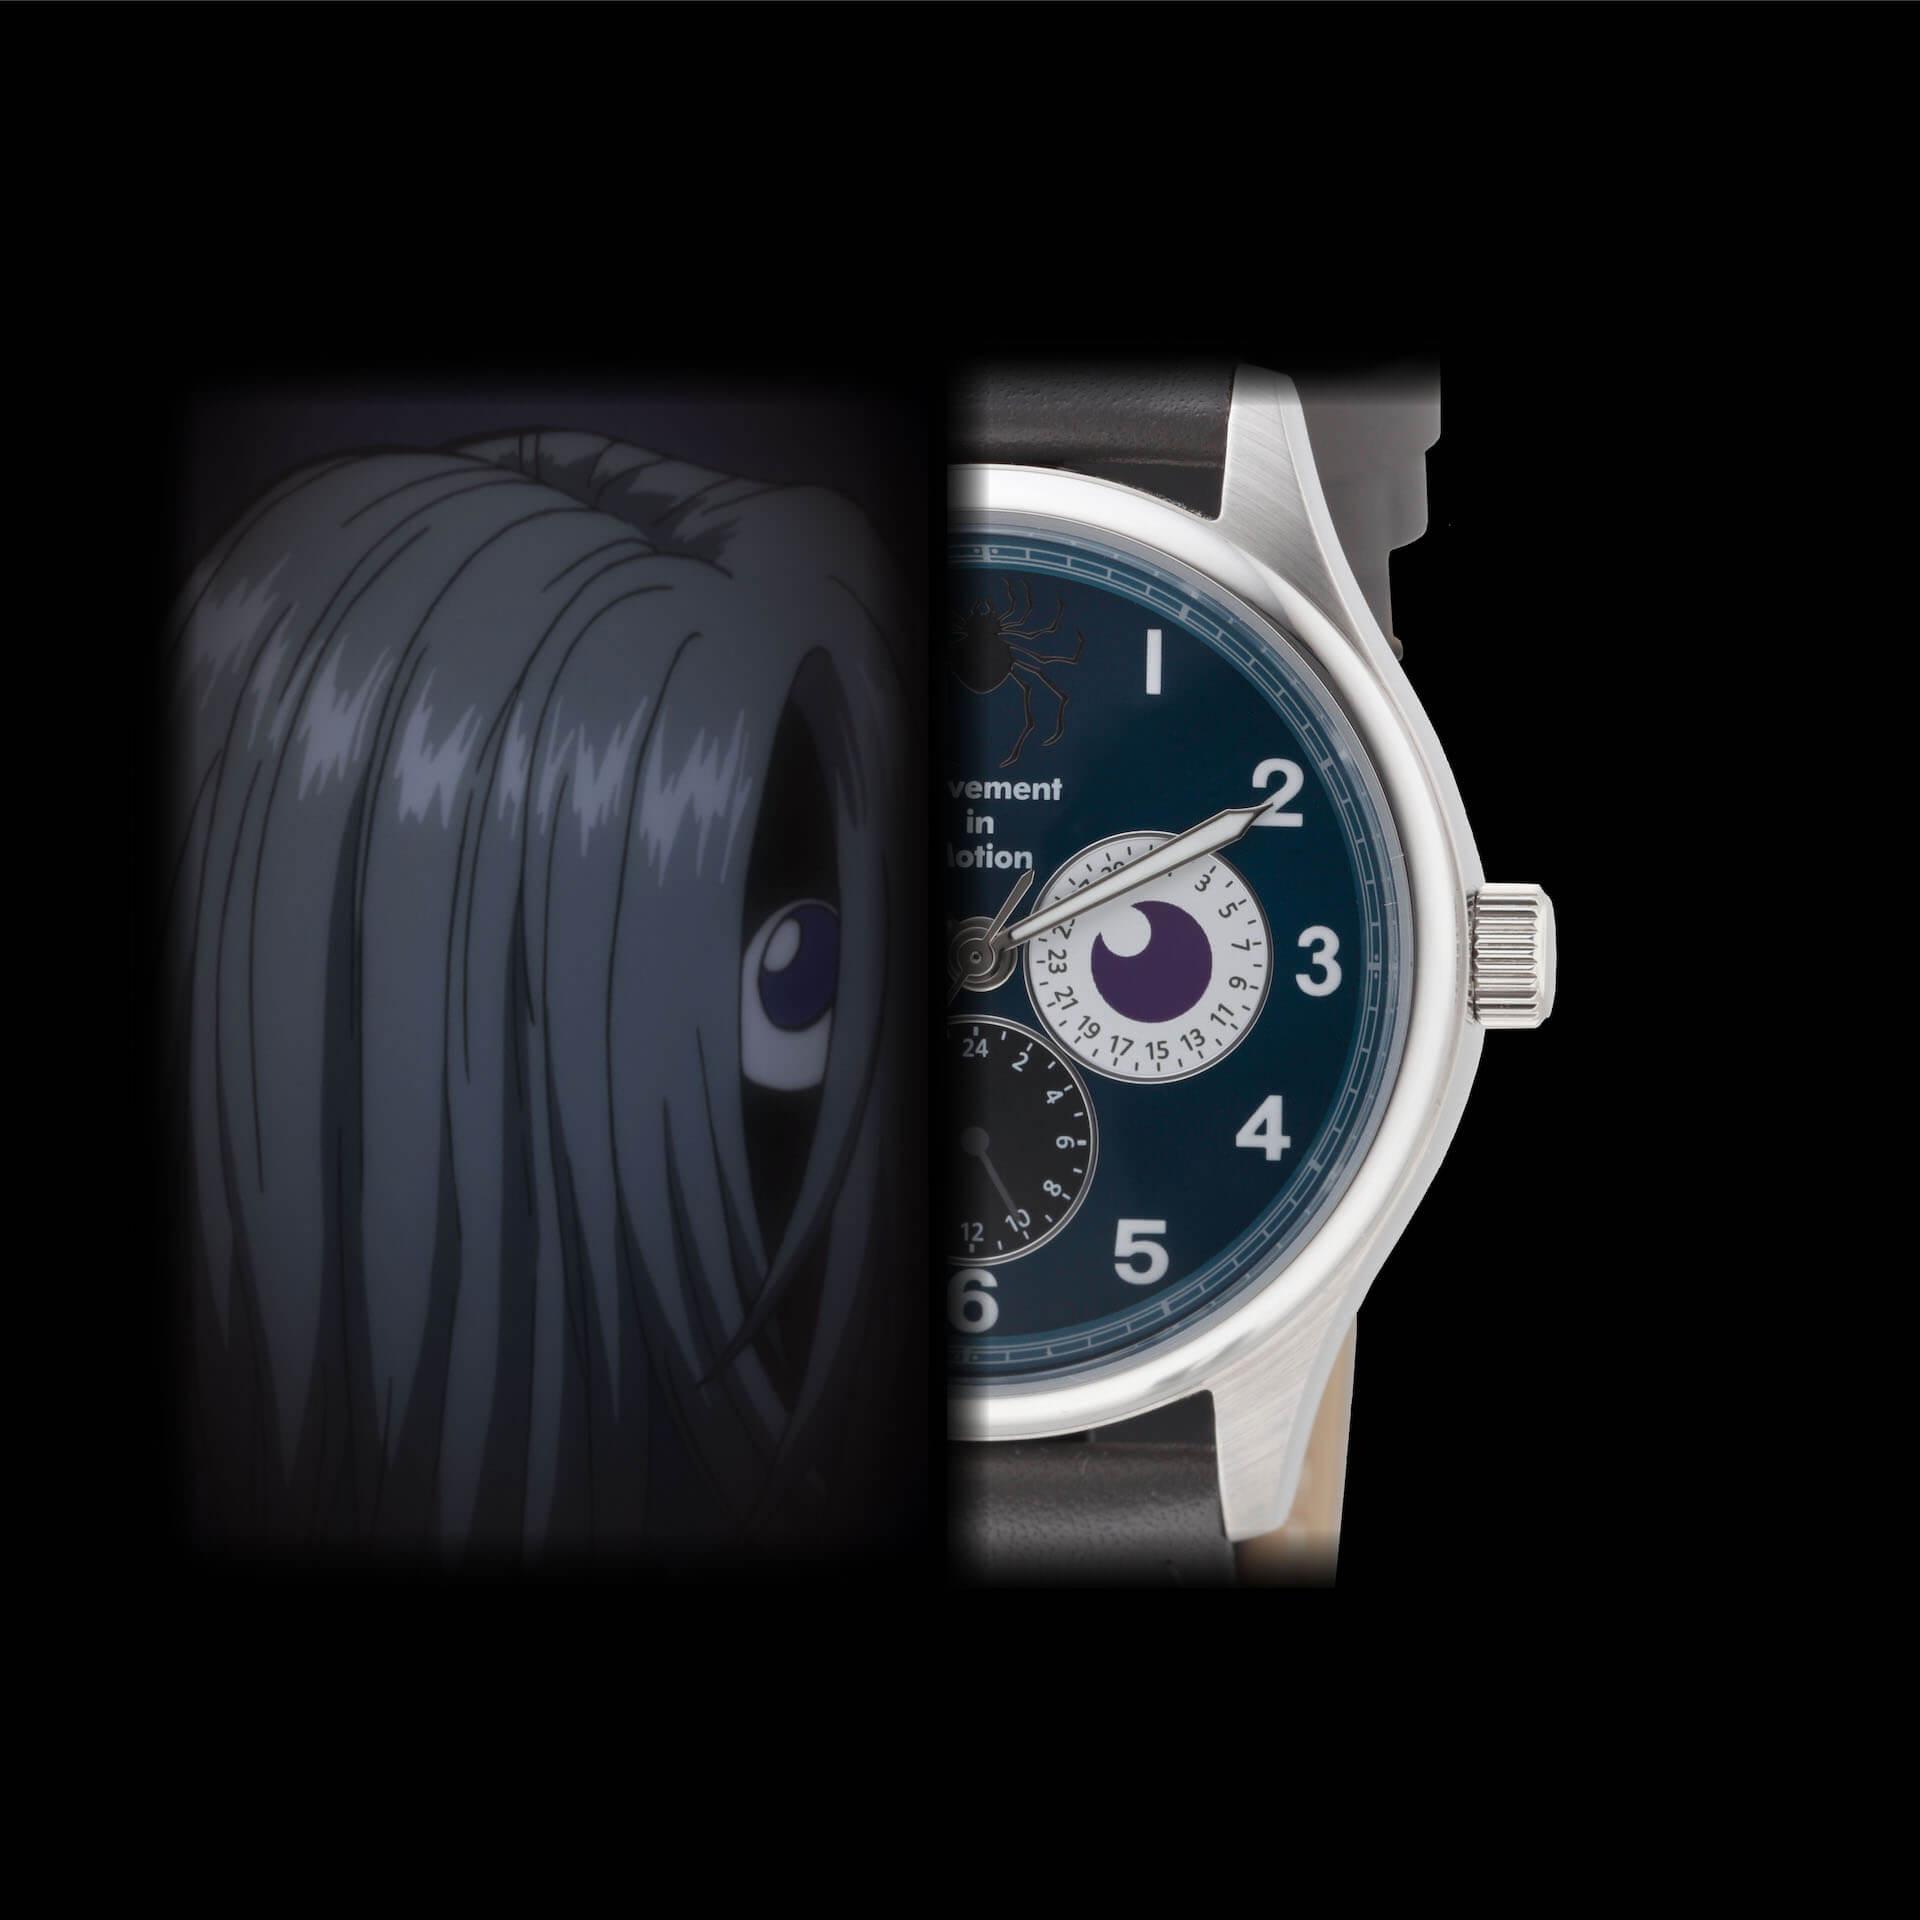 HUNTER×HUNTERとTiCTACの初コラボレーション腕時計が登場|ゴンやヒソカたち、人気キャラクターを表現 sub8-1